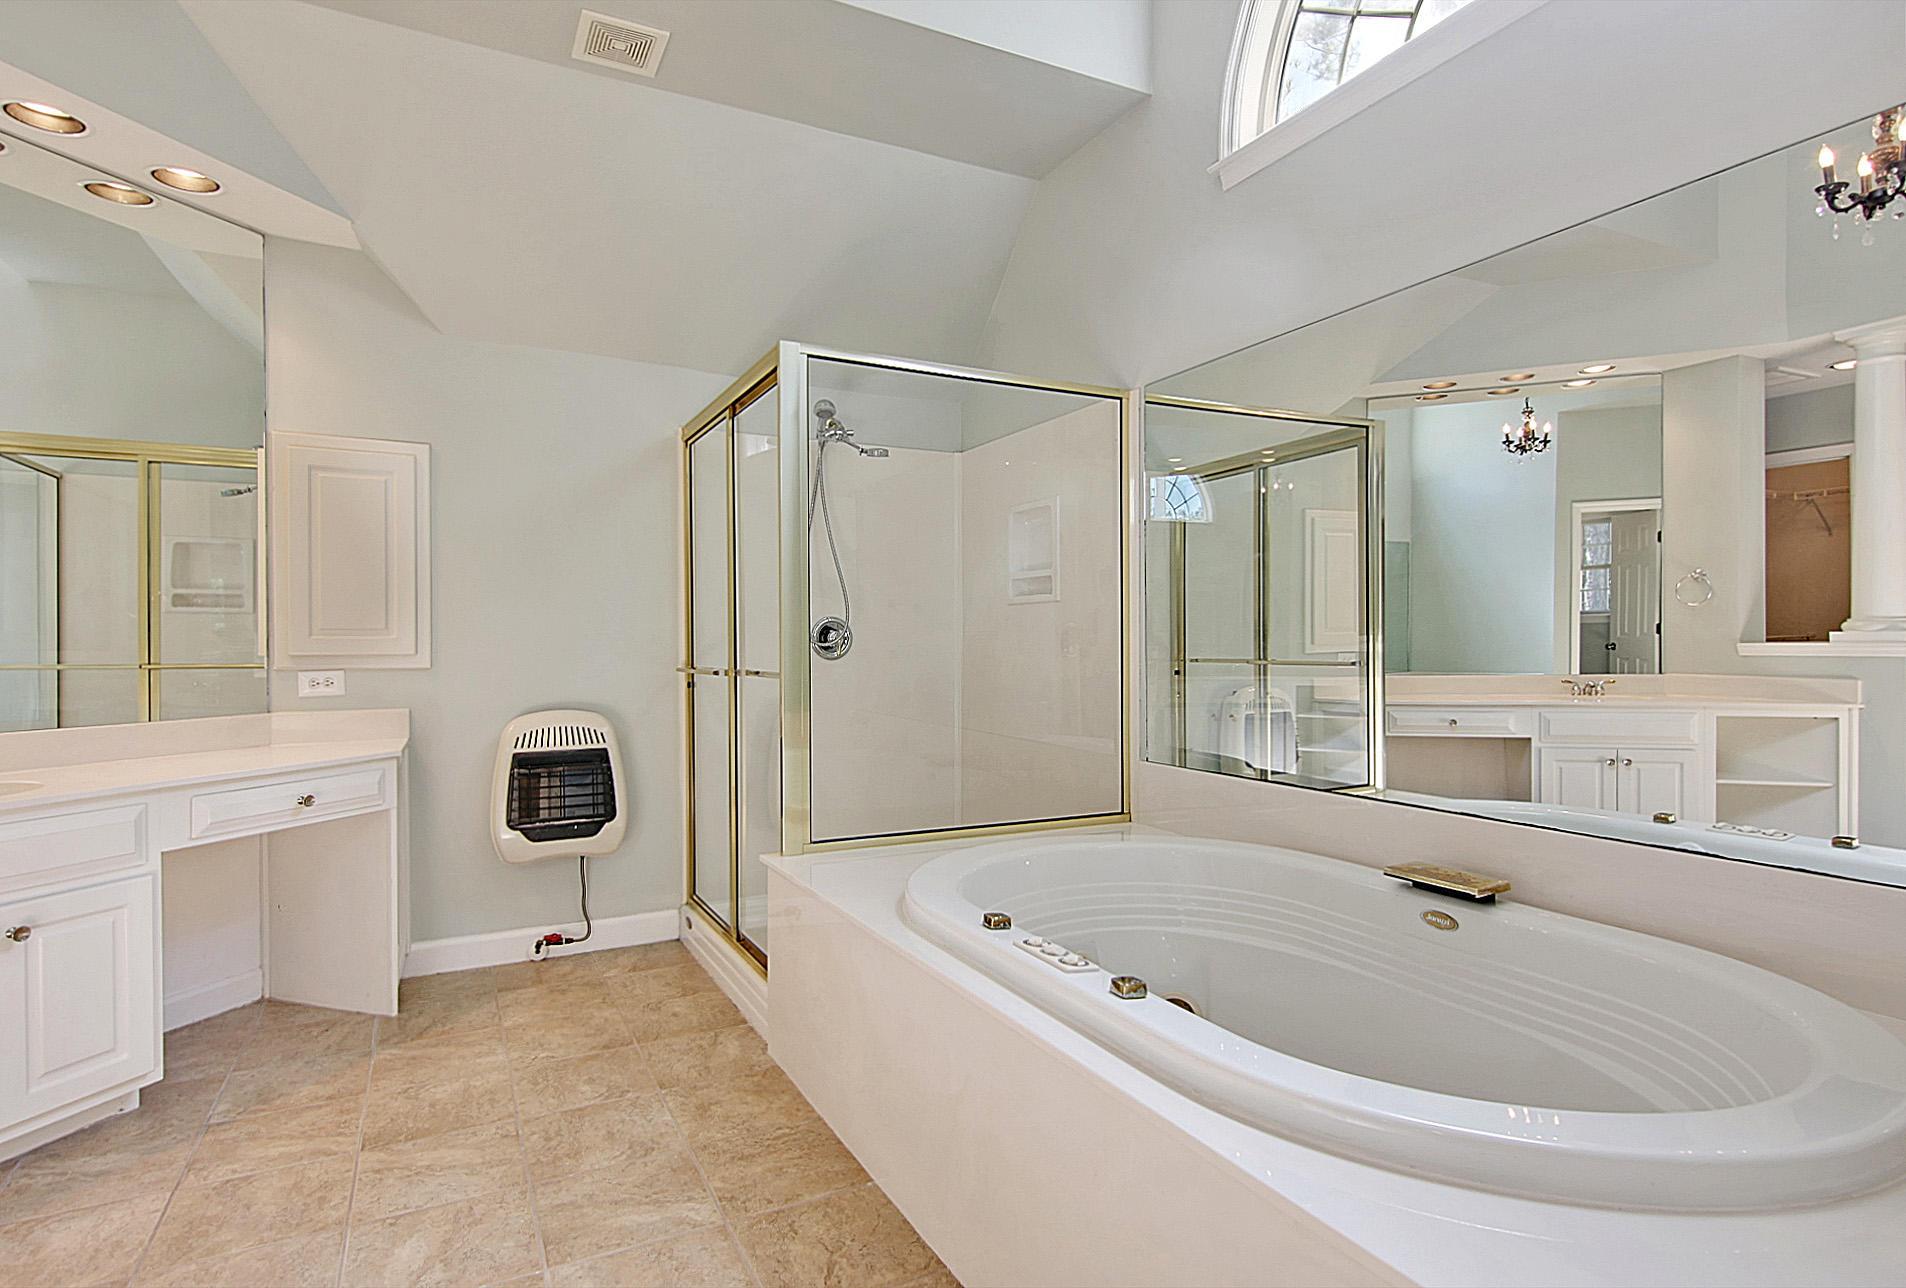 Dunes West Homes For Sale - 2236 Black Oak, Mount Pleasant, SC - 36